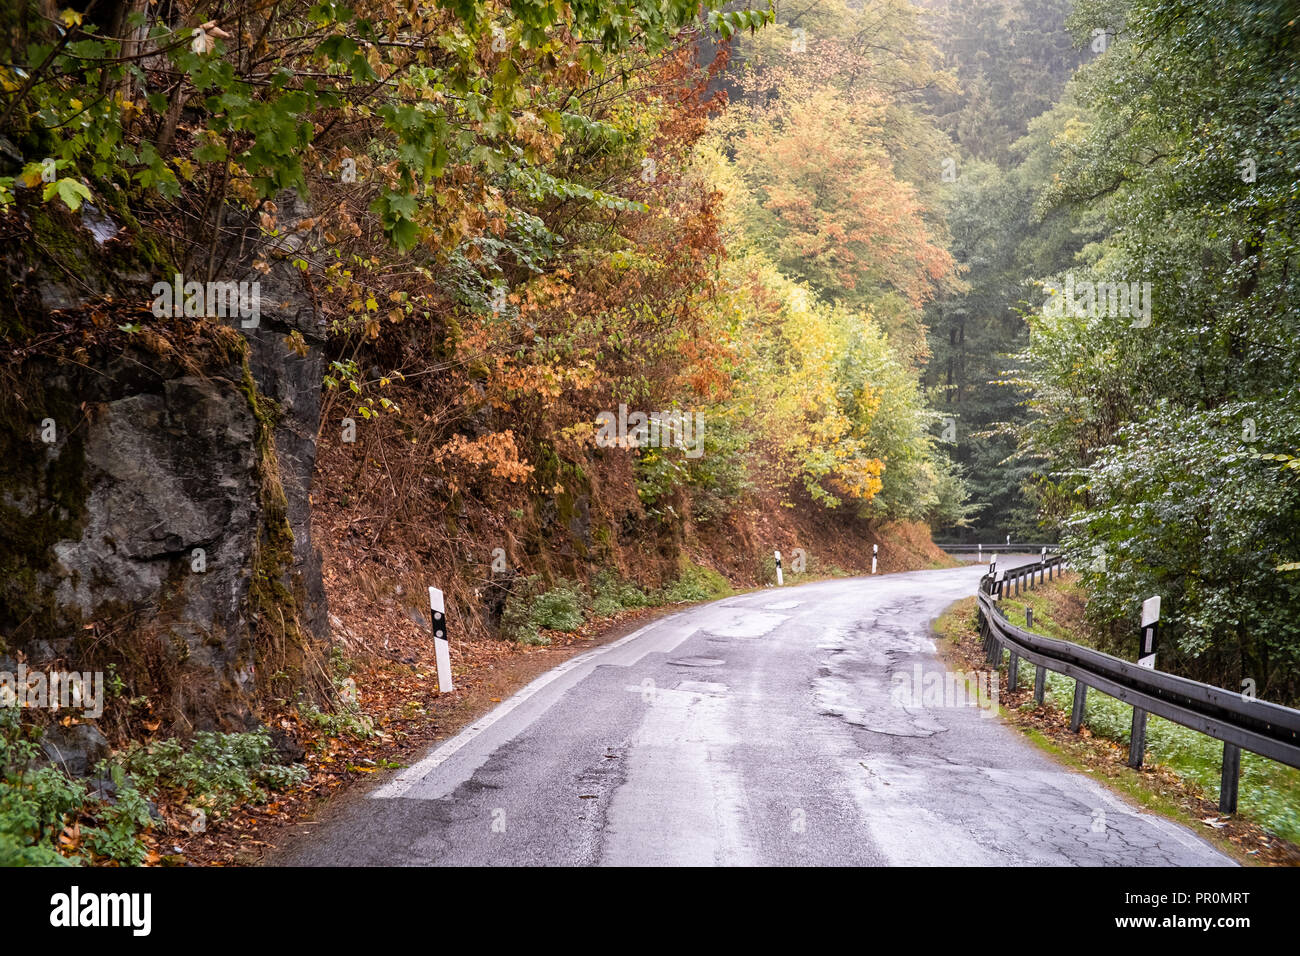 Herbst im Strassenverkehr erhöte Achtung - Stock Image